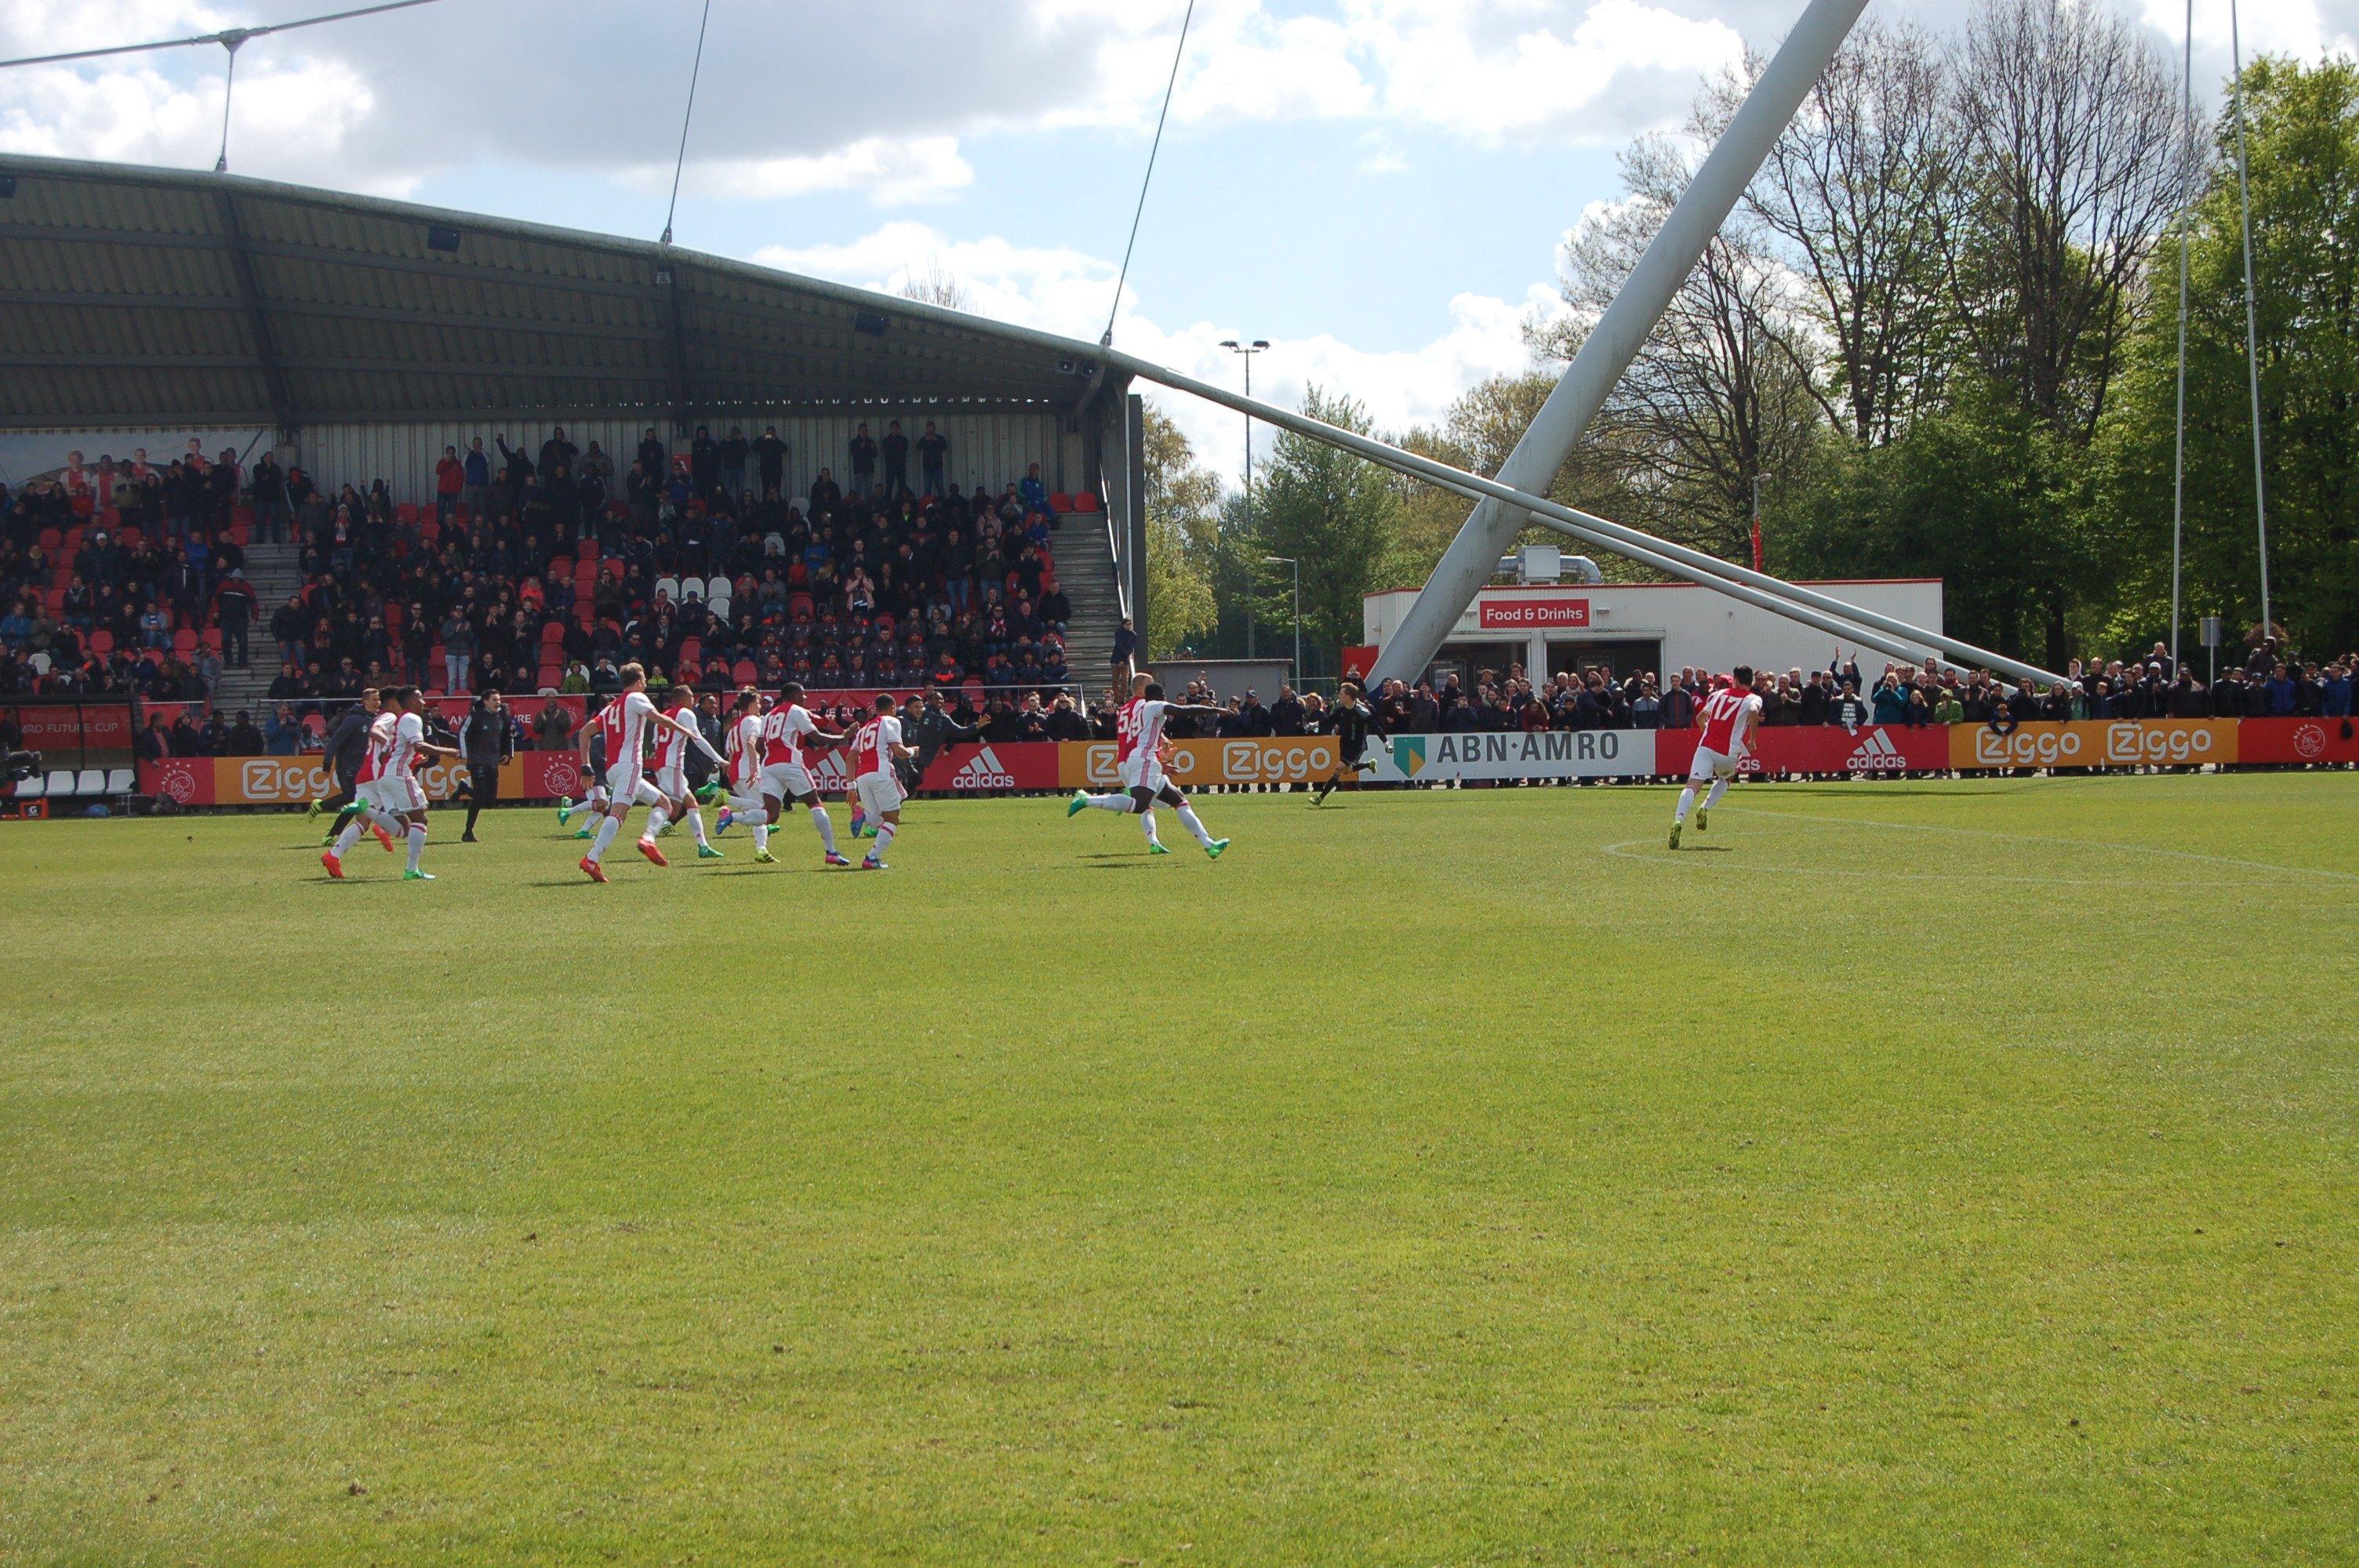 Na missers aan beide kanten had Anderlecht de winst voor het grijpen. Maar het keert nog om en Ajax wint!